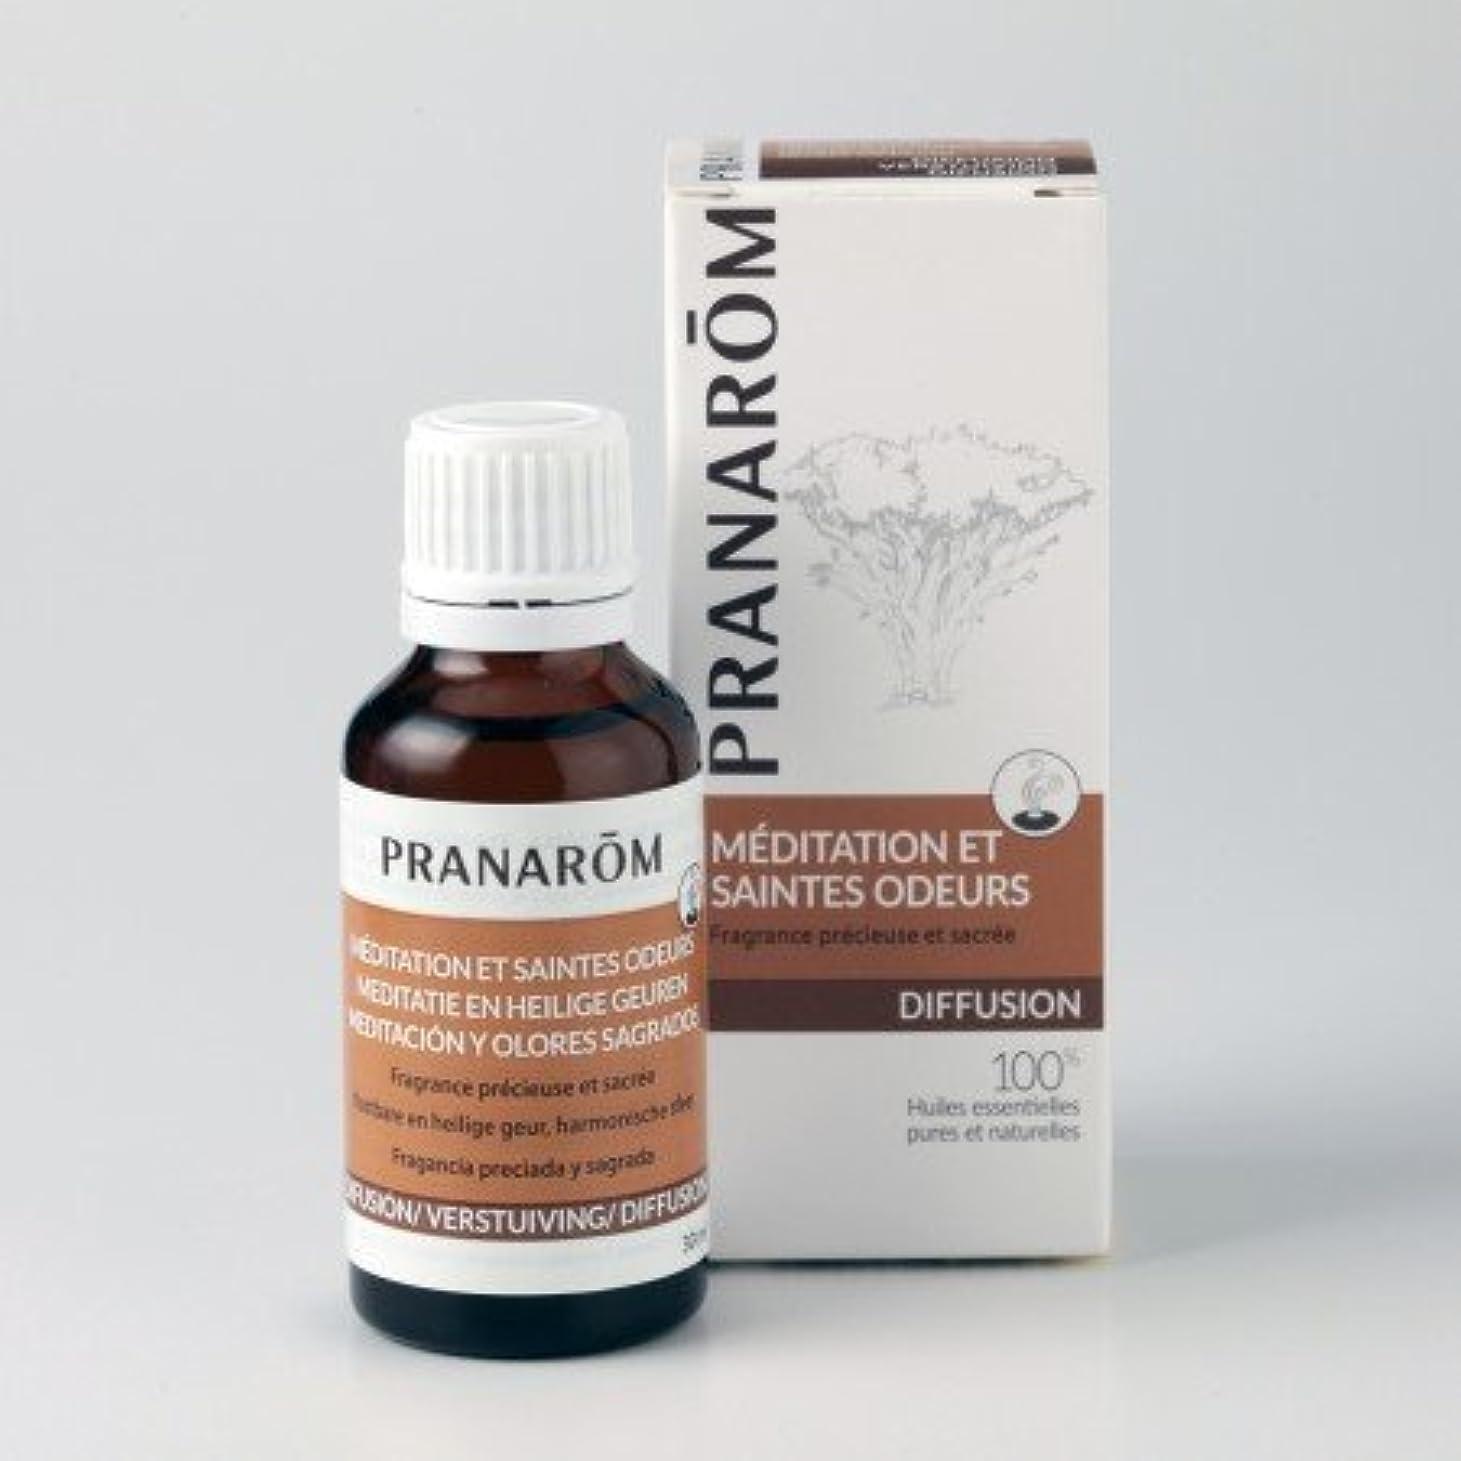 背の高い配分楕円形プラナロム ( PRANAROM ) ルームコロン 瞑想へのいざない メディテーション 30ml 02588 エアフレッシュナー ( 芳香剤 )